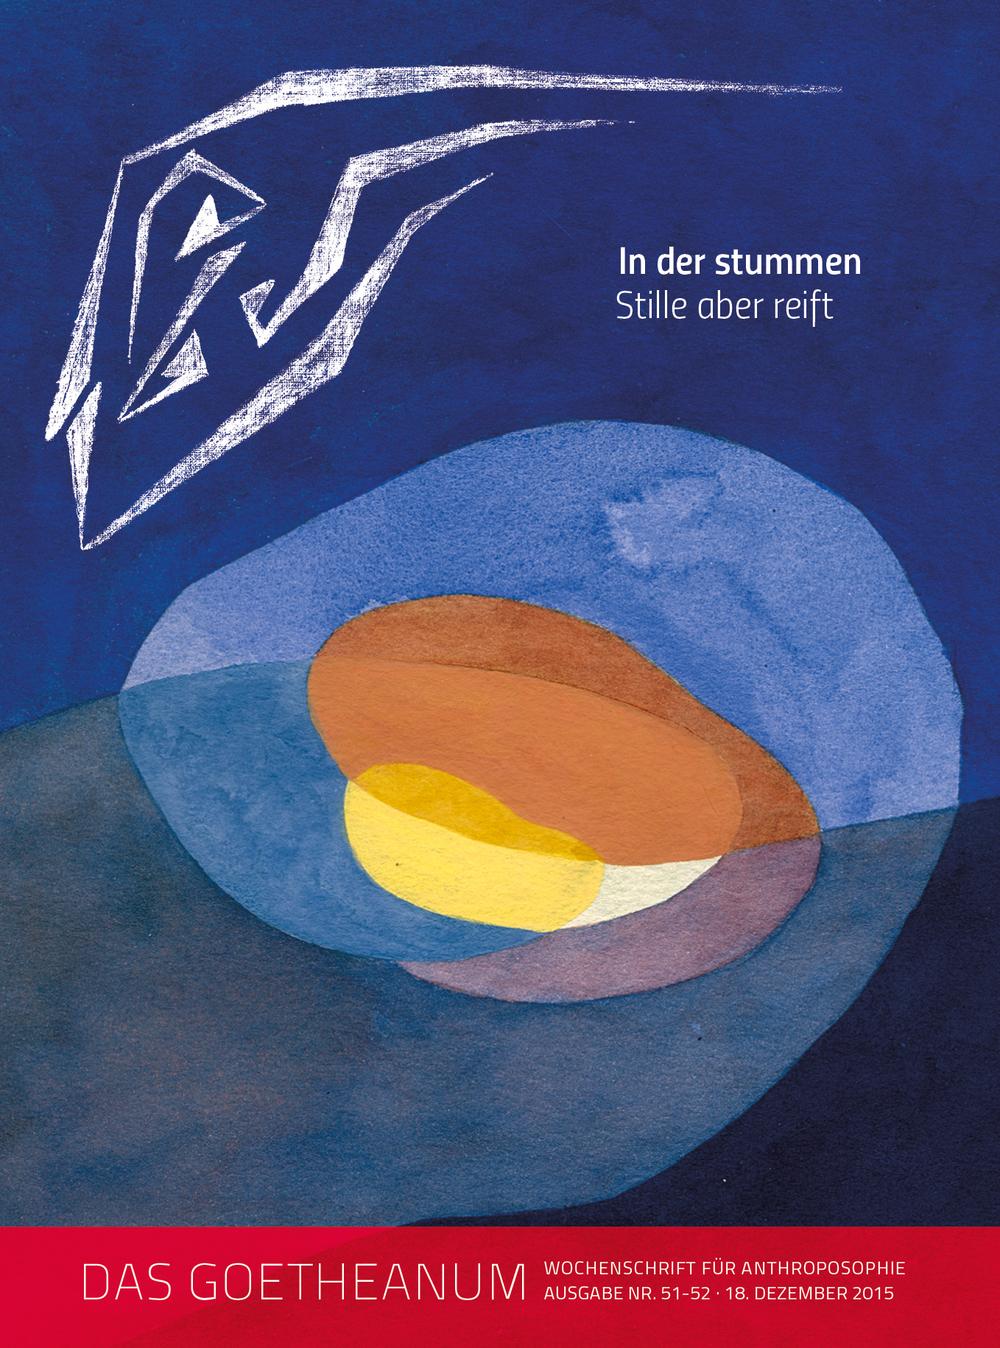 «Sterne sprachen einst zu Menschen, · Ihr Verstummen ist Weltenschicksal; Des Verstummens Wahrnehmung · Kann Leid sein des Erdenmenschen; In der stummen Stille aber reift · Was Menschen sprechen zu Sternen; · Ihres Sprechens Wahrnehmung · Kann Kraft werden des Geistesmenschen.» Rudolf Steiner ‹Für Marie Steiner› 25.12.1922. Bild von Shira Nov, siehe auch Seiten 4, 12-17.